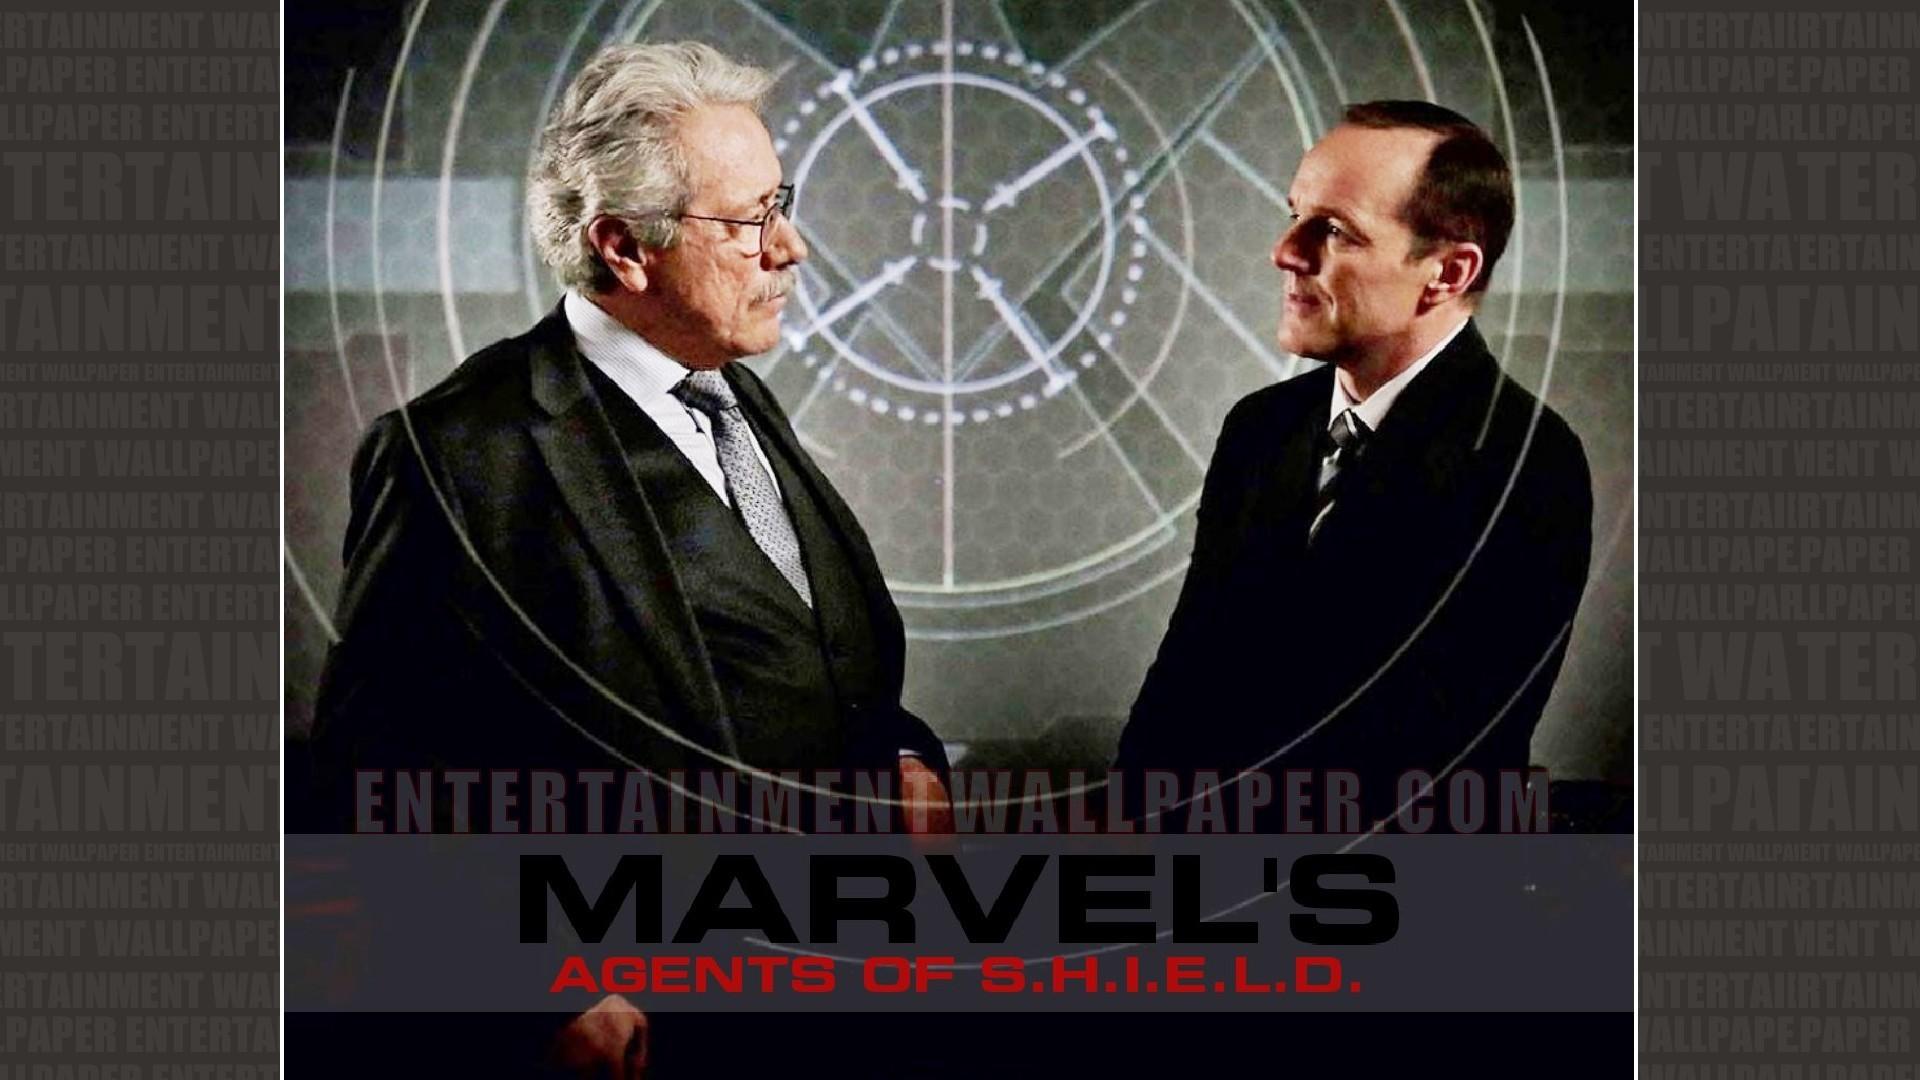 Marvel's Agents of S.H.I.E.L.D. Wallpaper – Original size, …